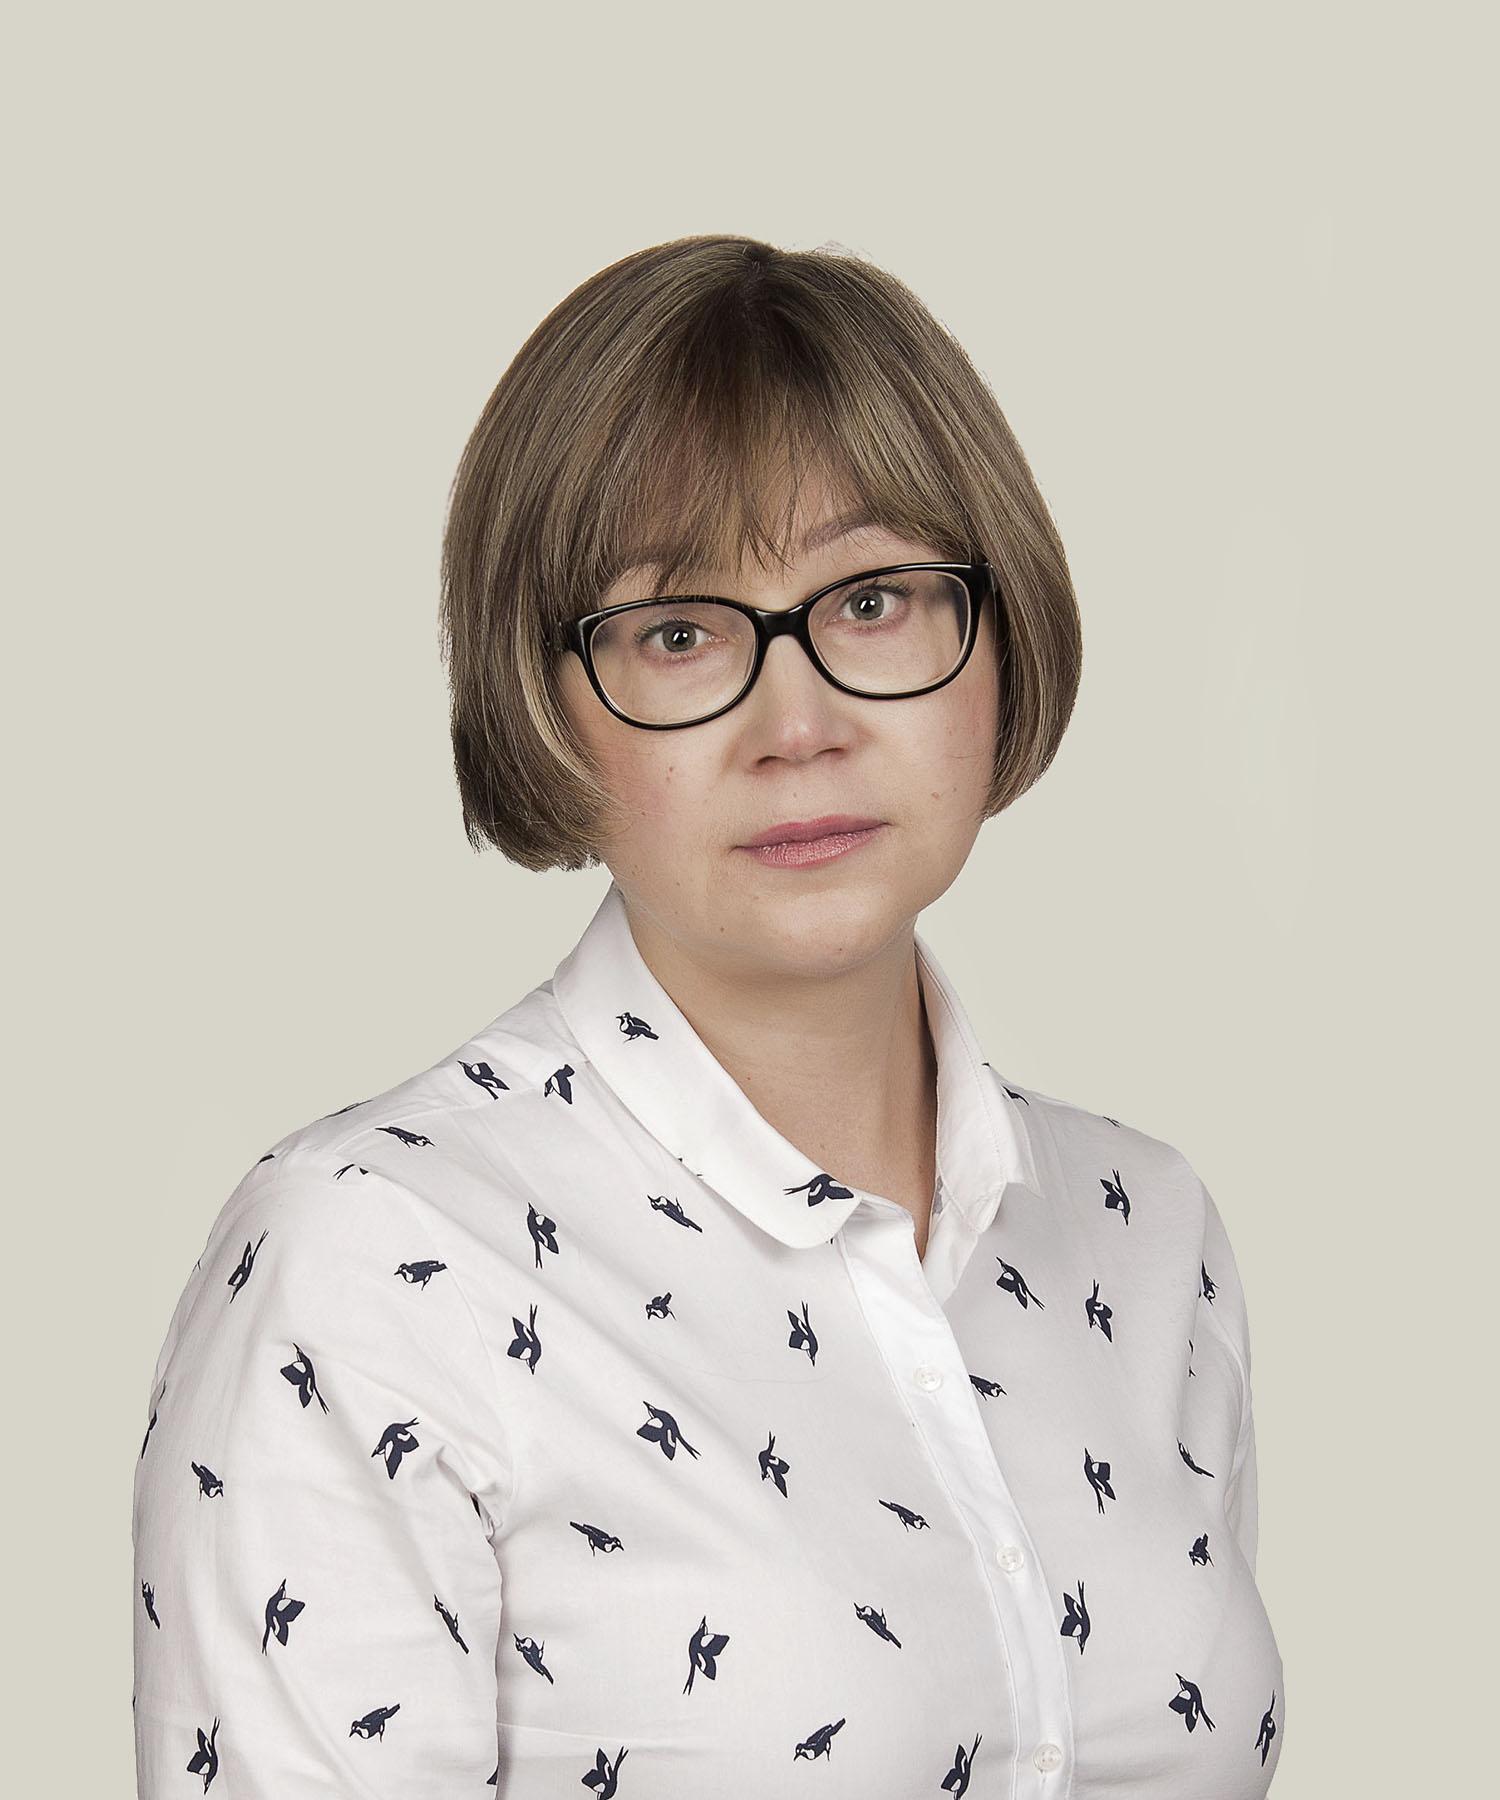 Jelena Riis